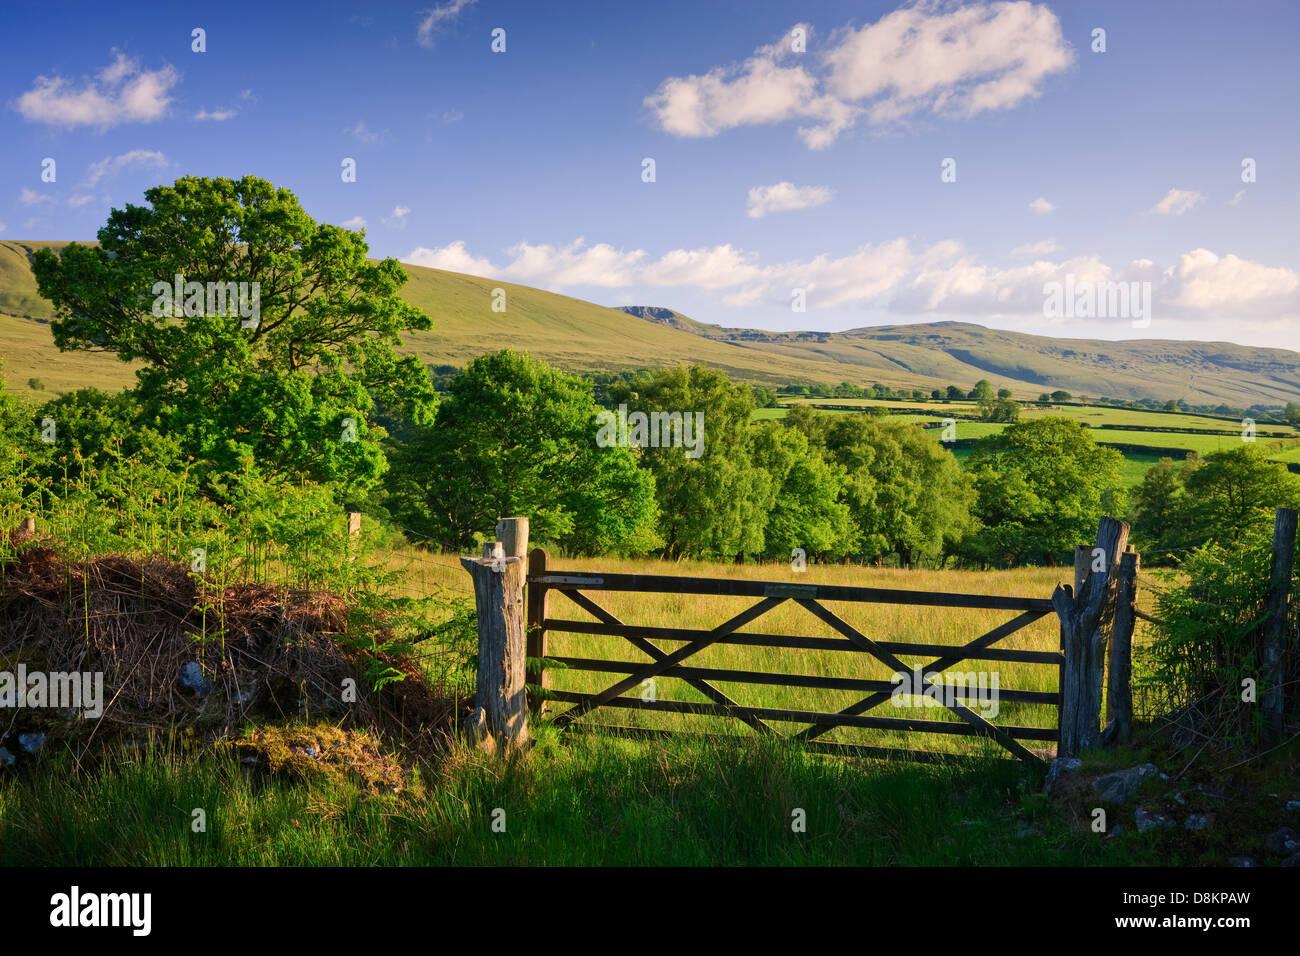 Paesaggio rurale Llanddeusant (Y Mynydd Du) Montagna Nera Parco Nazionale di Brecon Beacons Carmarthenshire Galles Immagini Stock